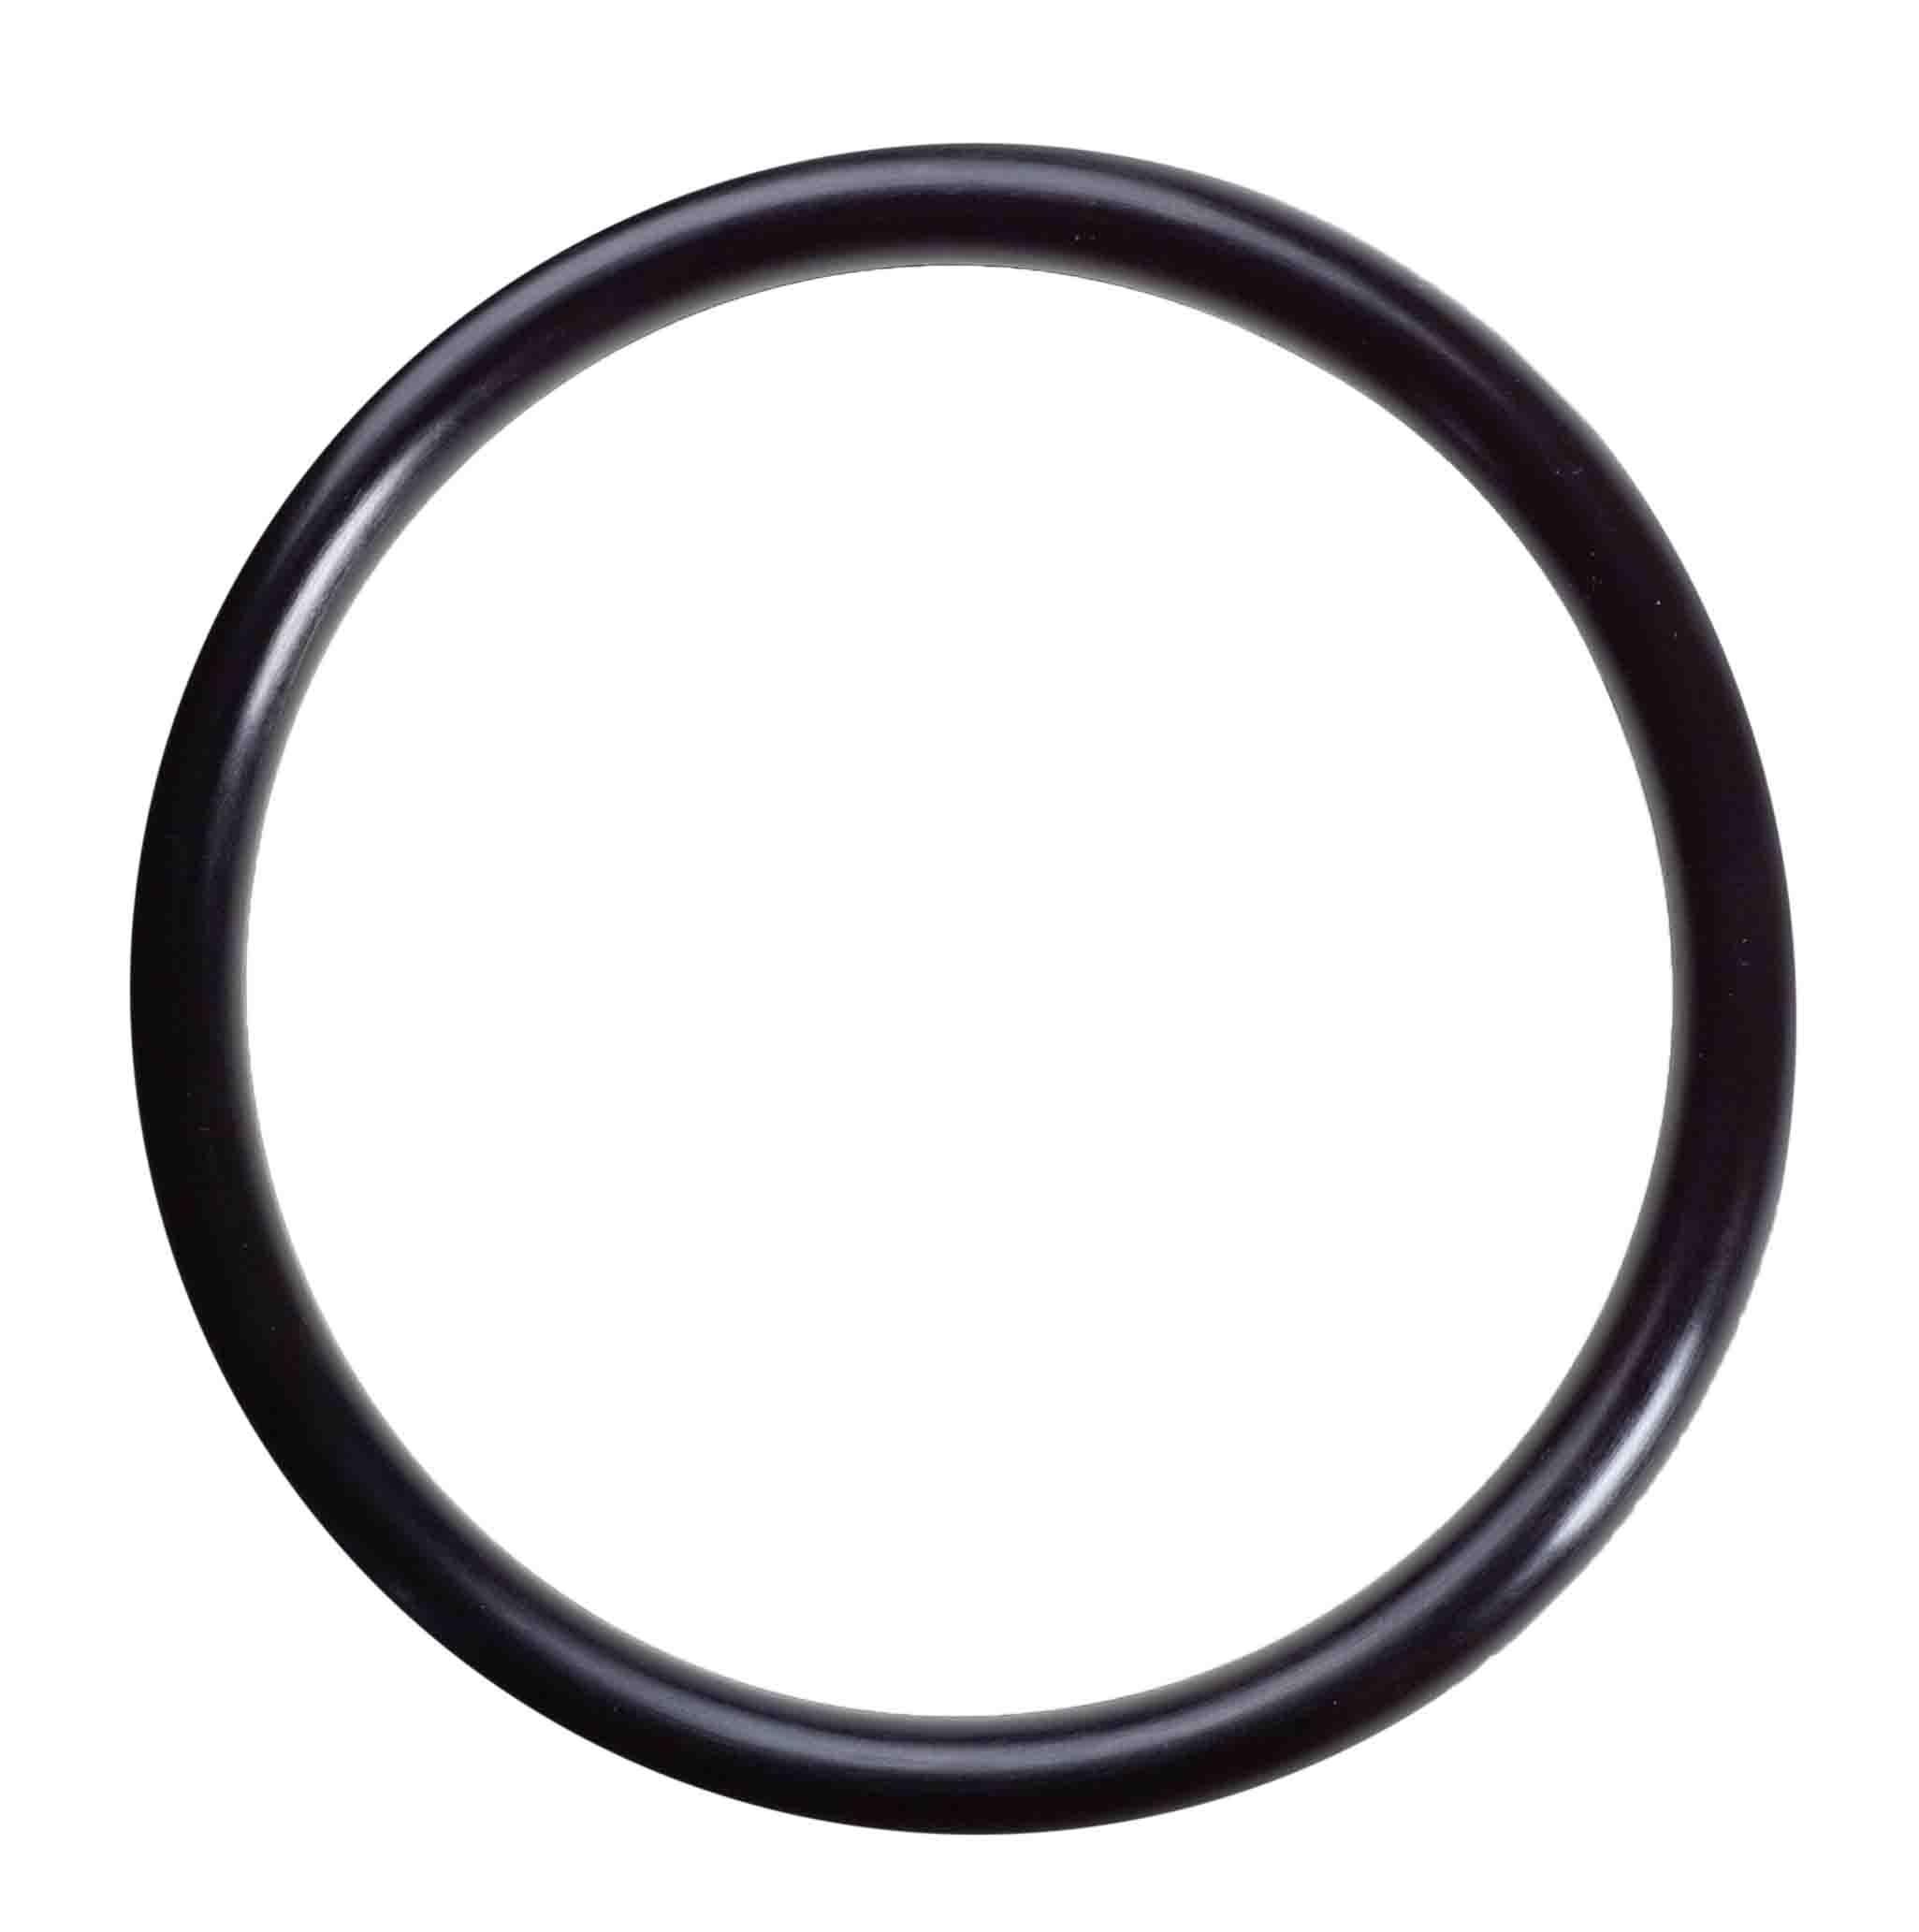 o-ring.jpg